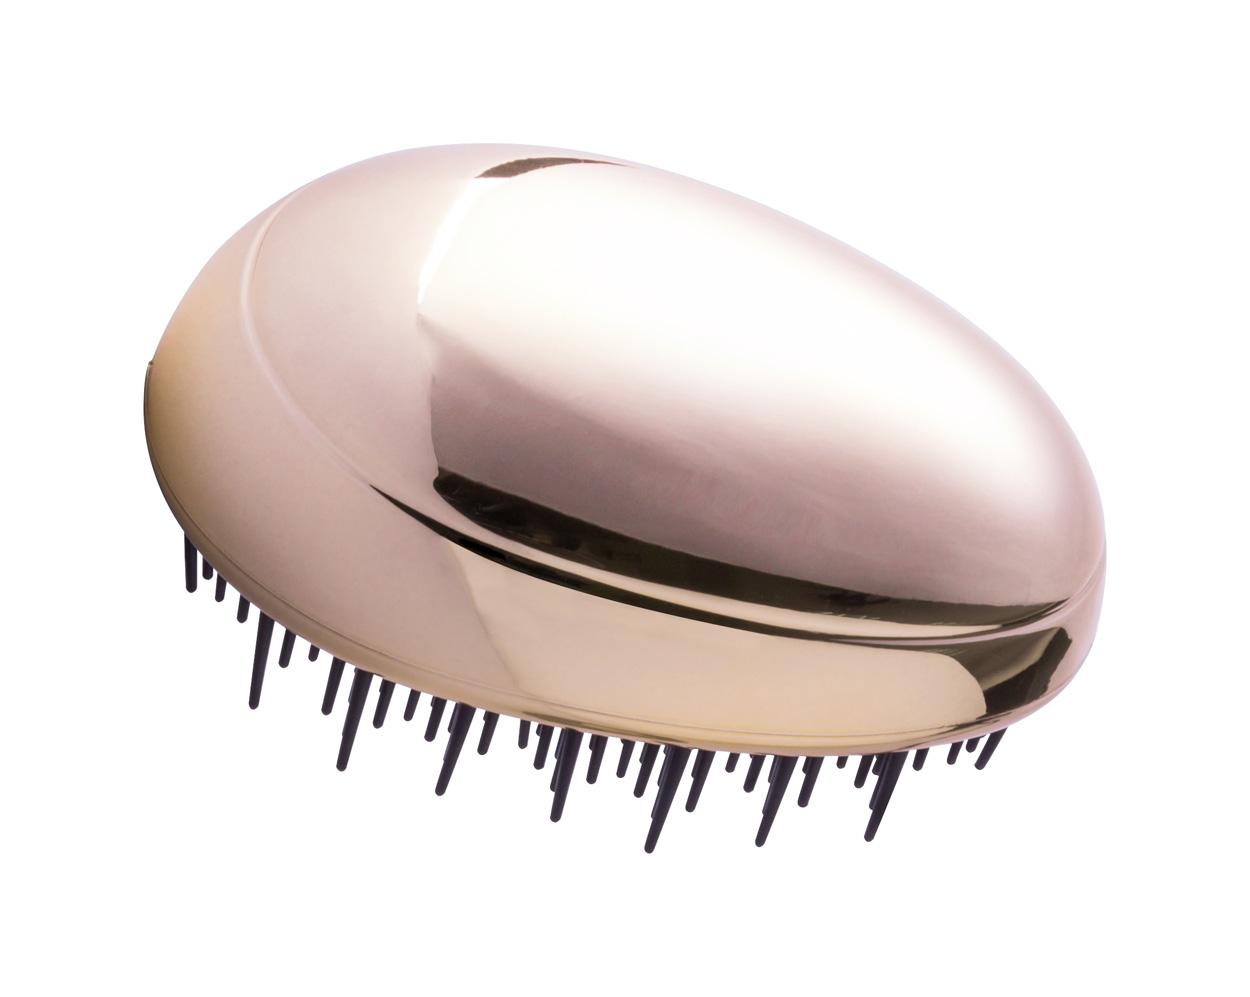 Tramux hair brush